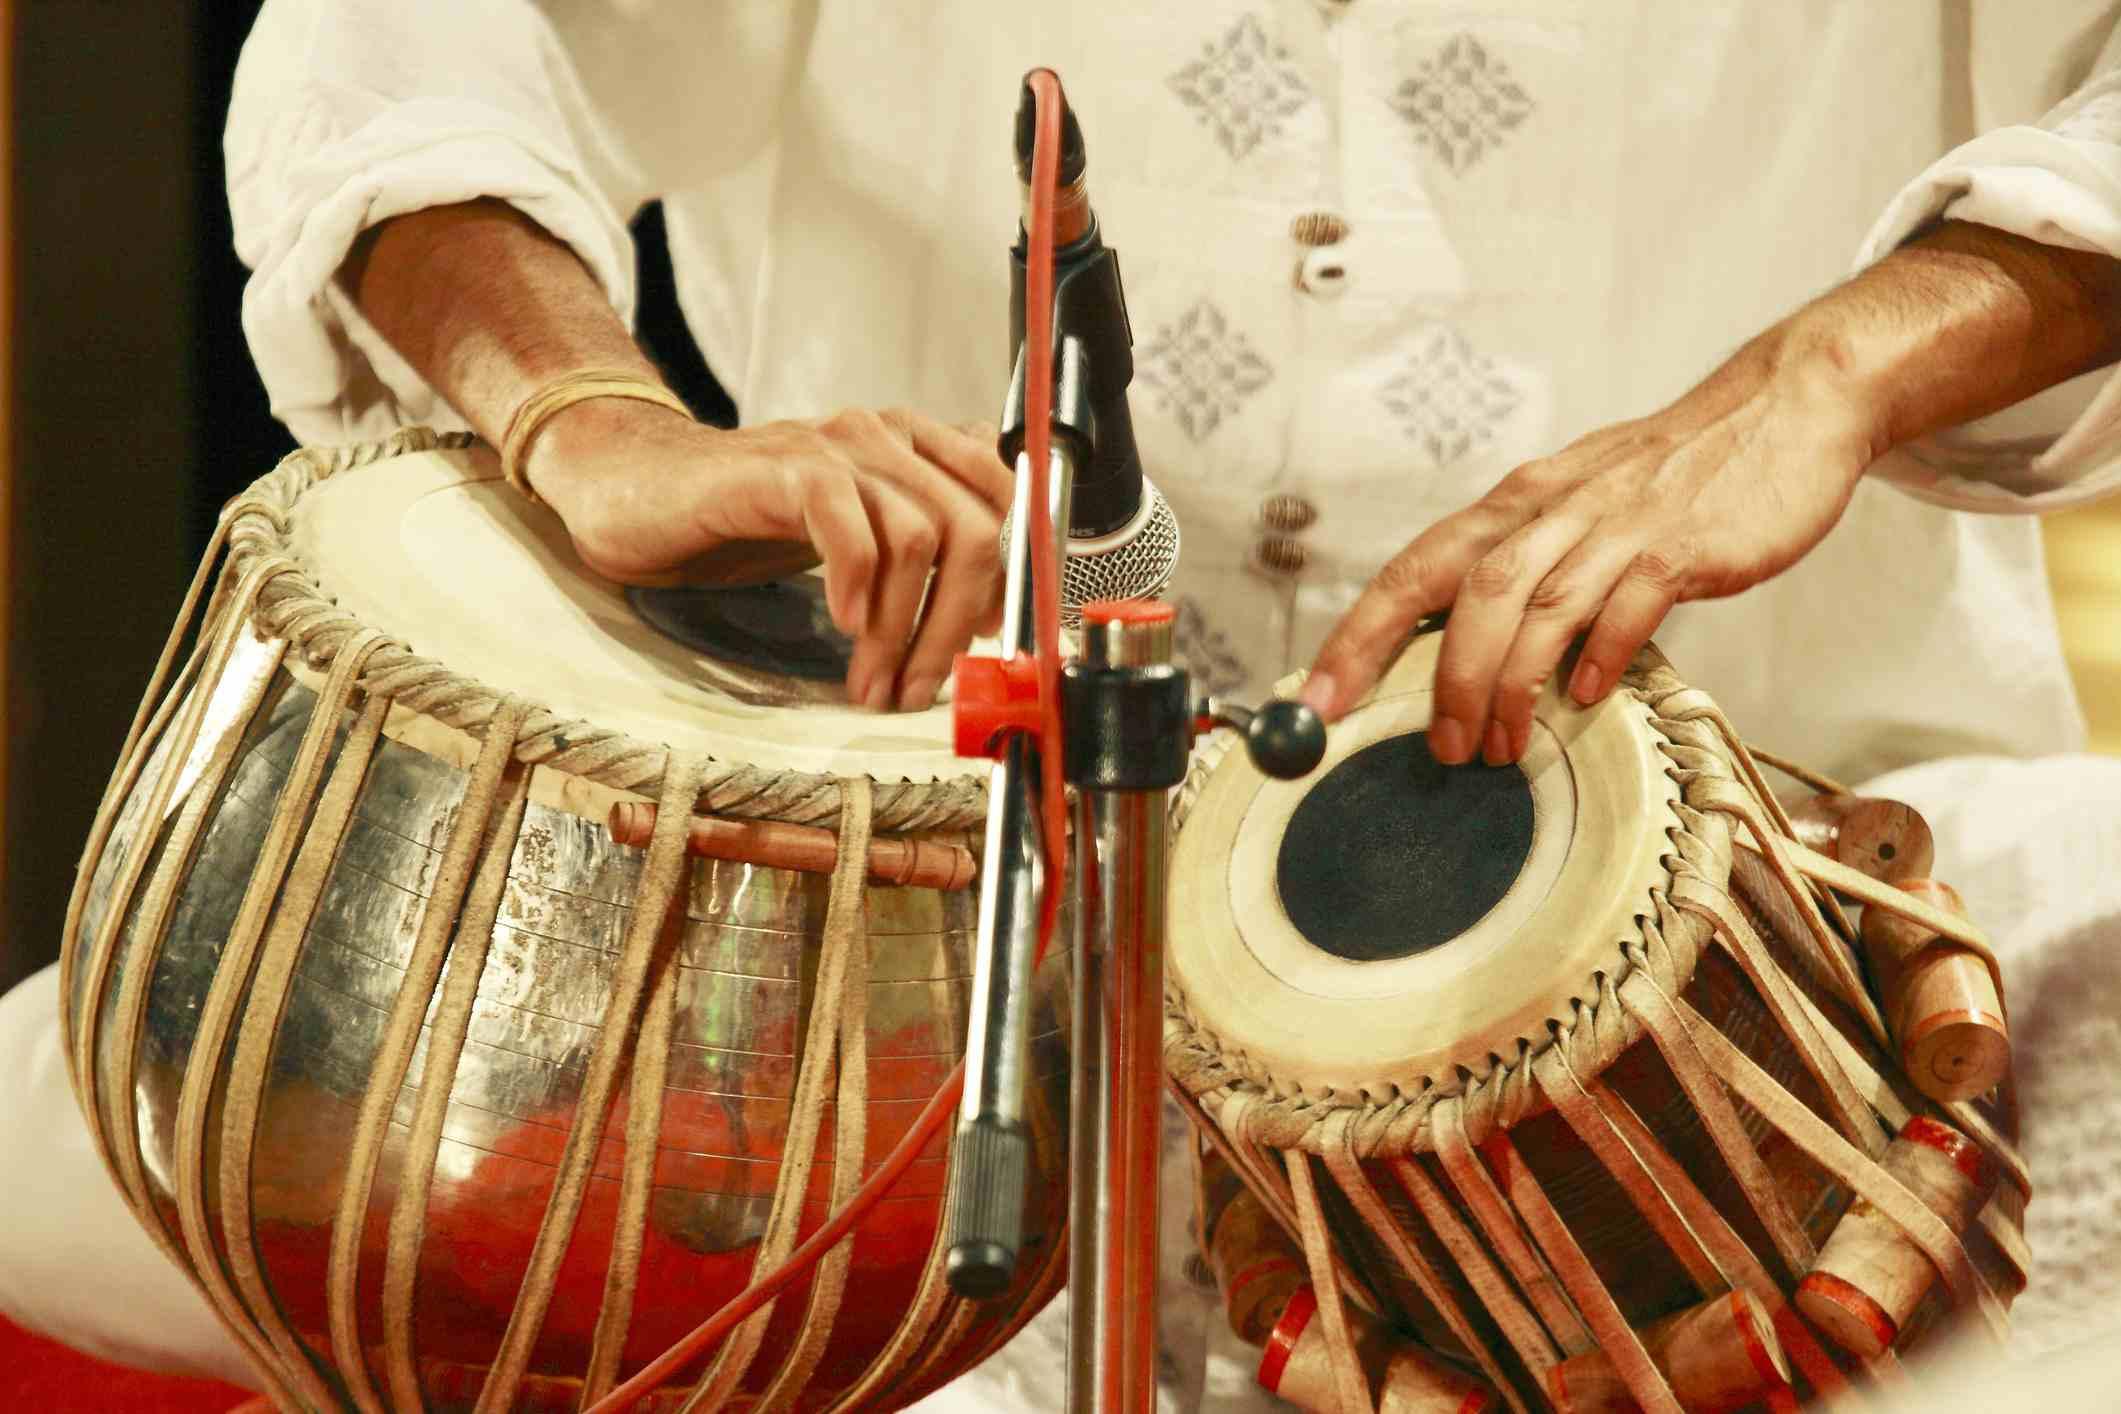 Tabla player en India